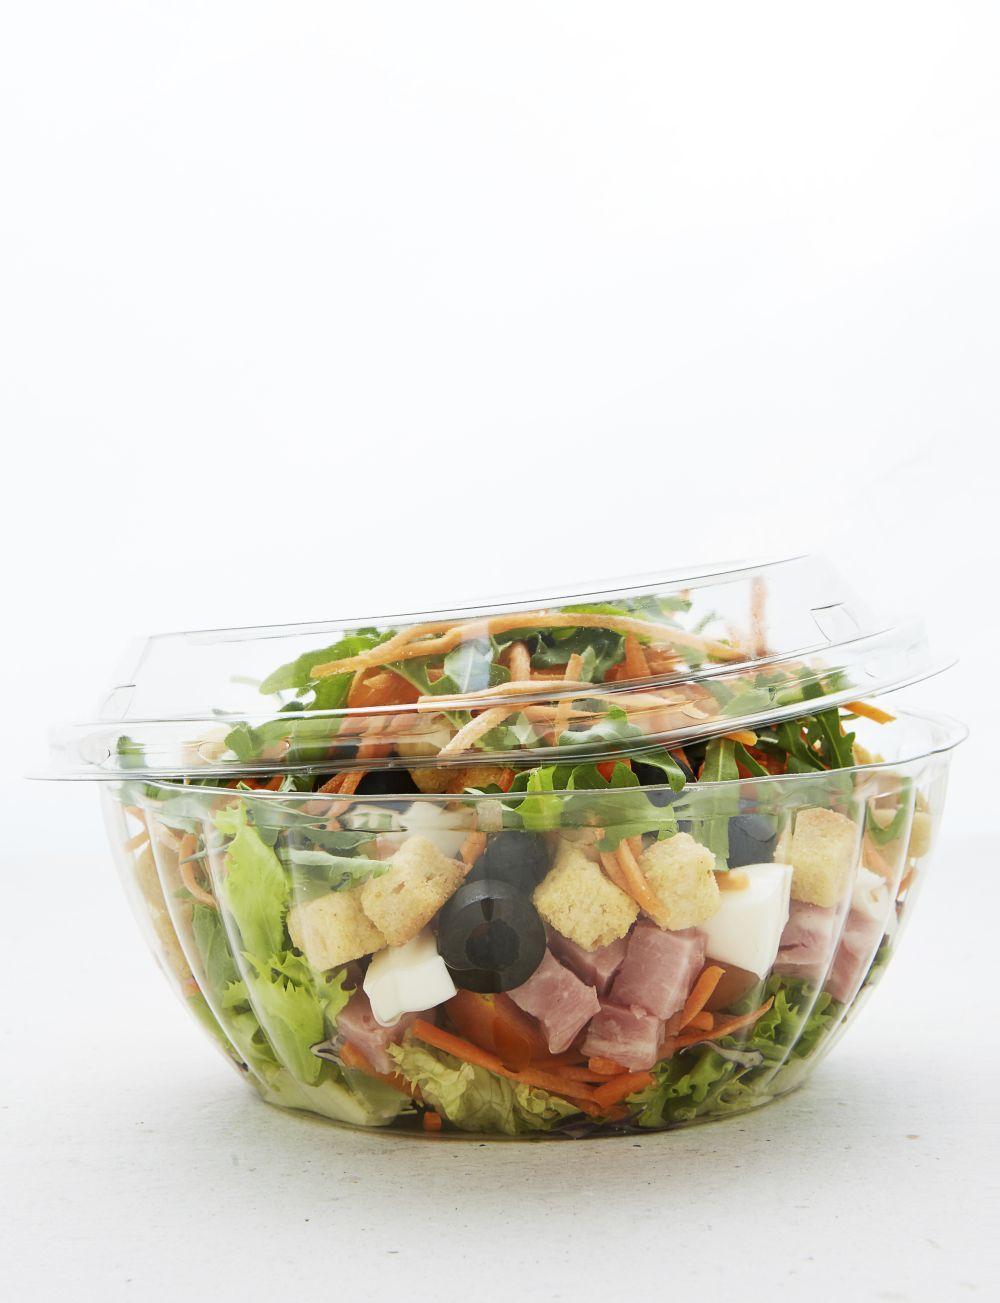 ¿Qué ensalada es mejor? Casera Vs Comprada